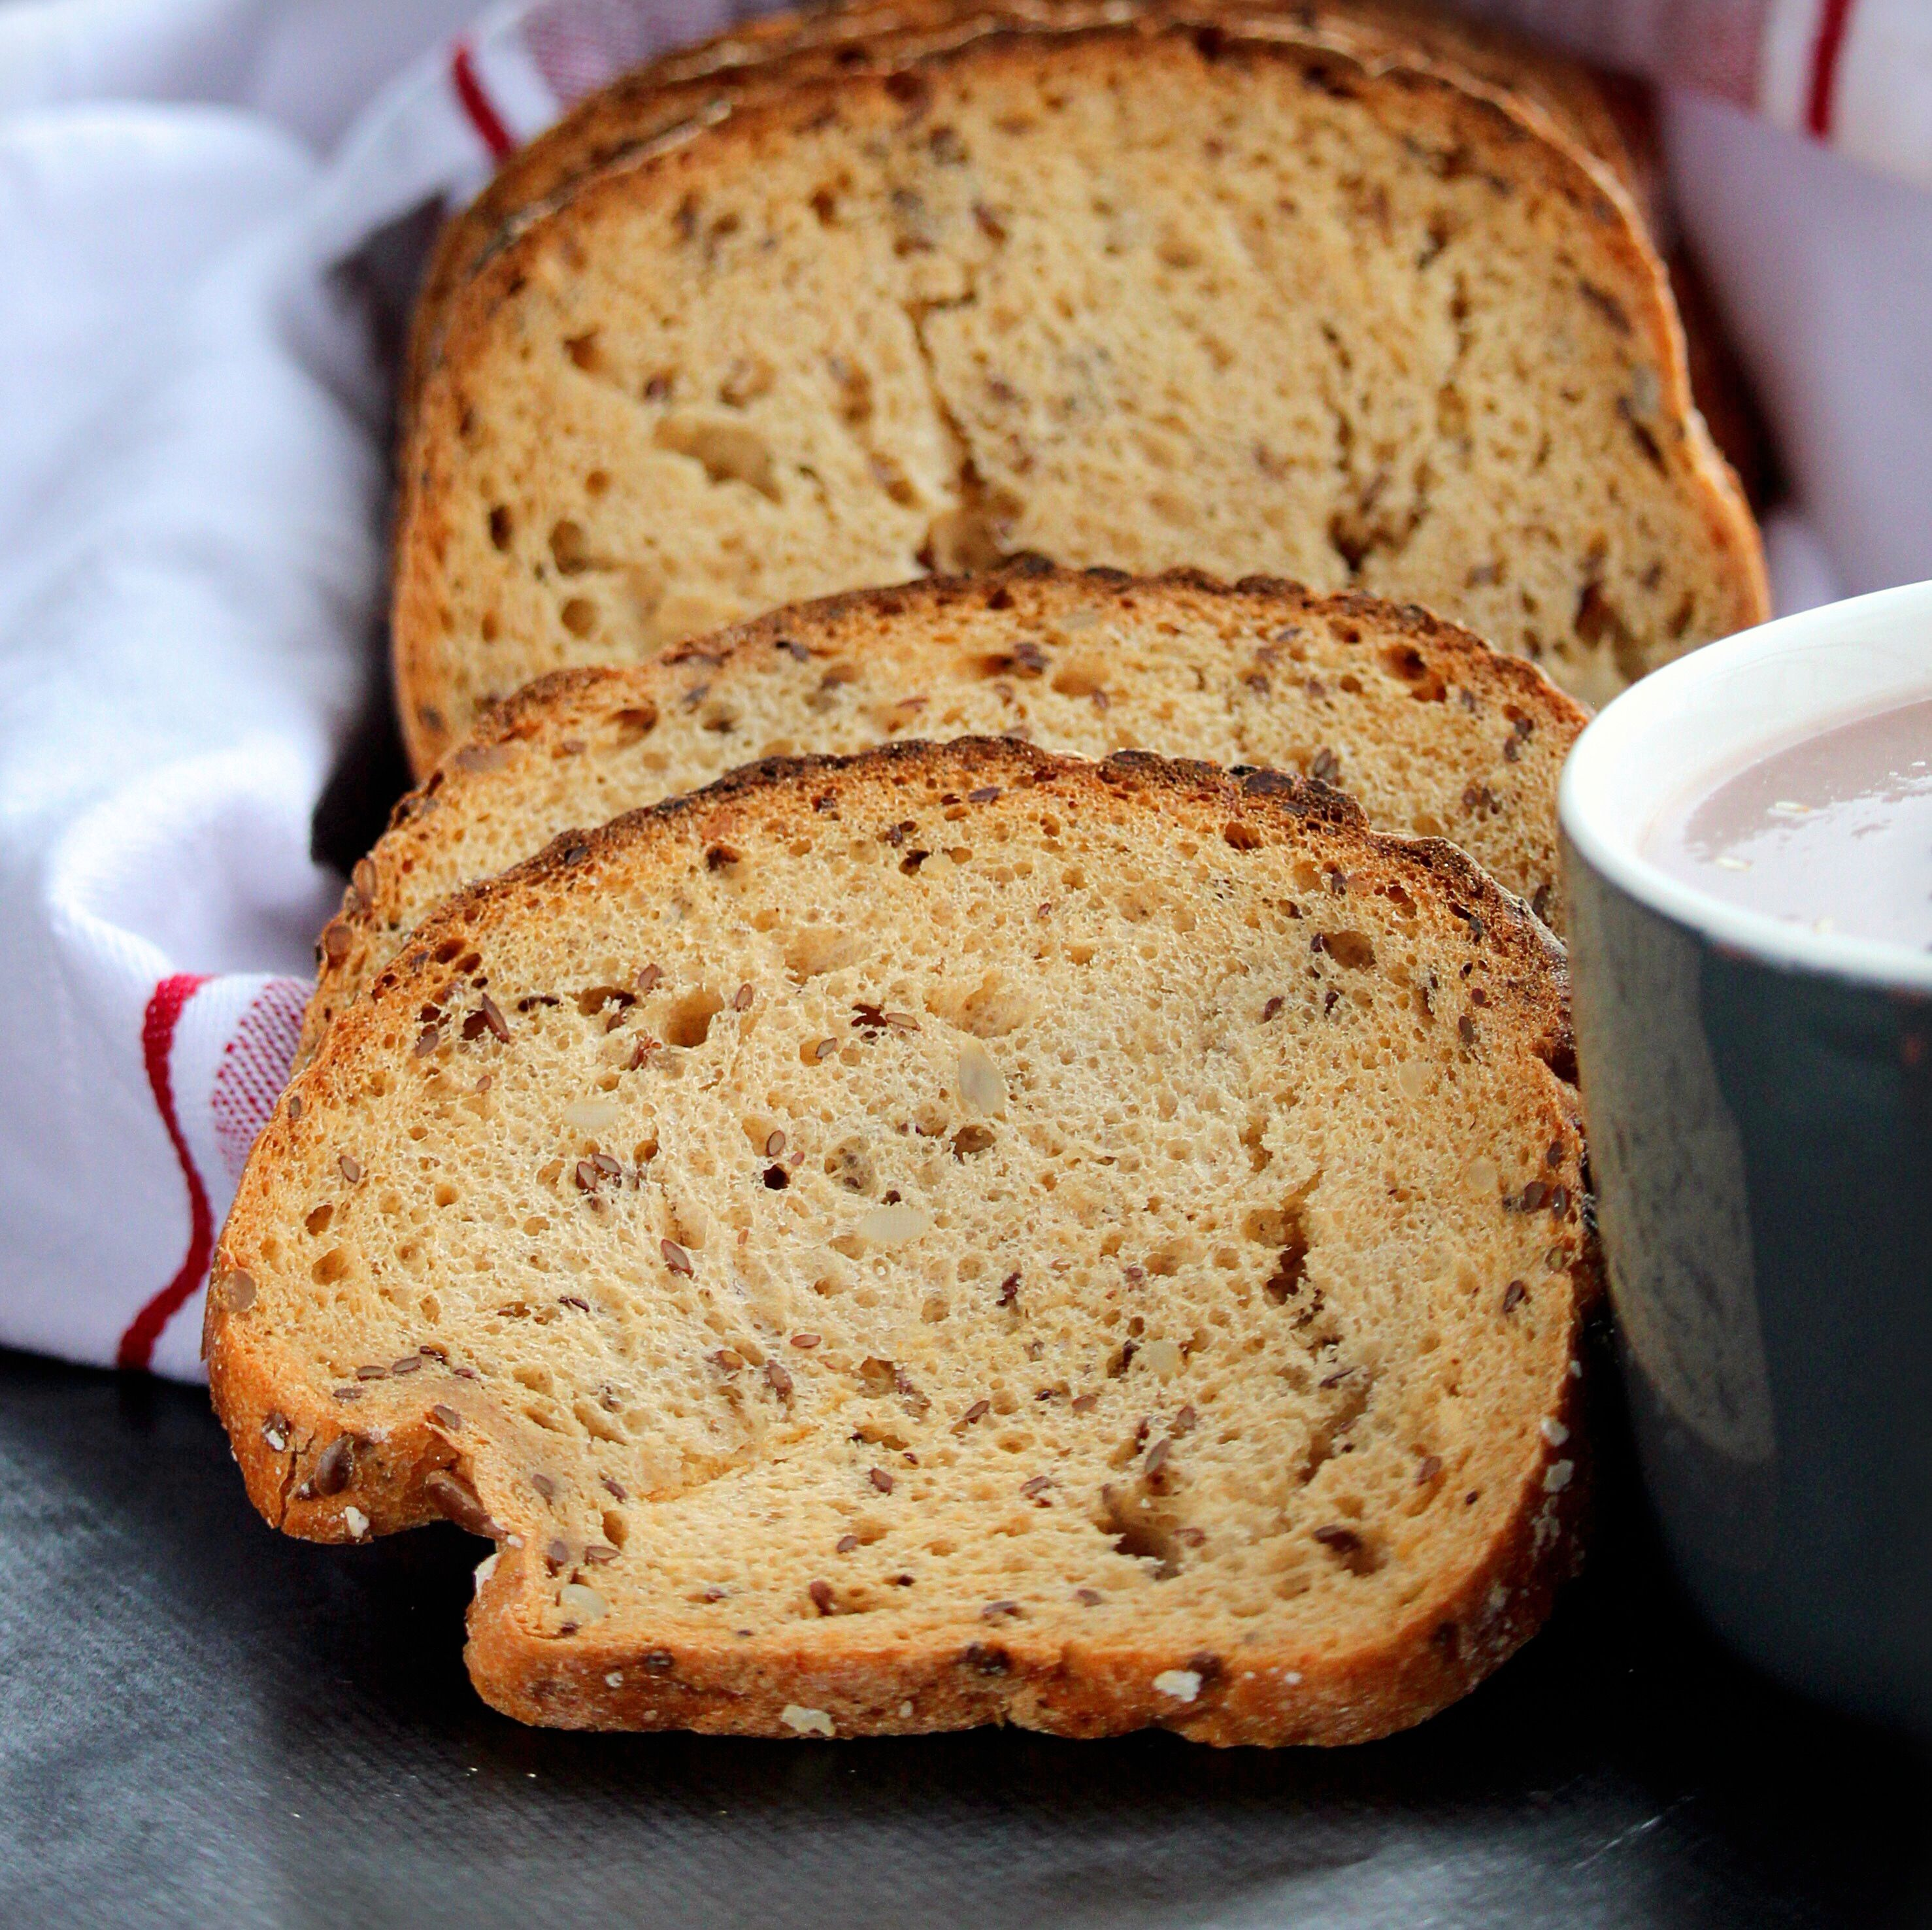 Gluten Free Multigrain Bread Recipe Food Recipes Gluten Free Multigrain Bread Recipe Multigrain Bread Recipe